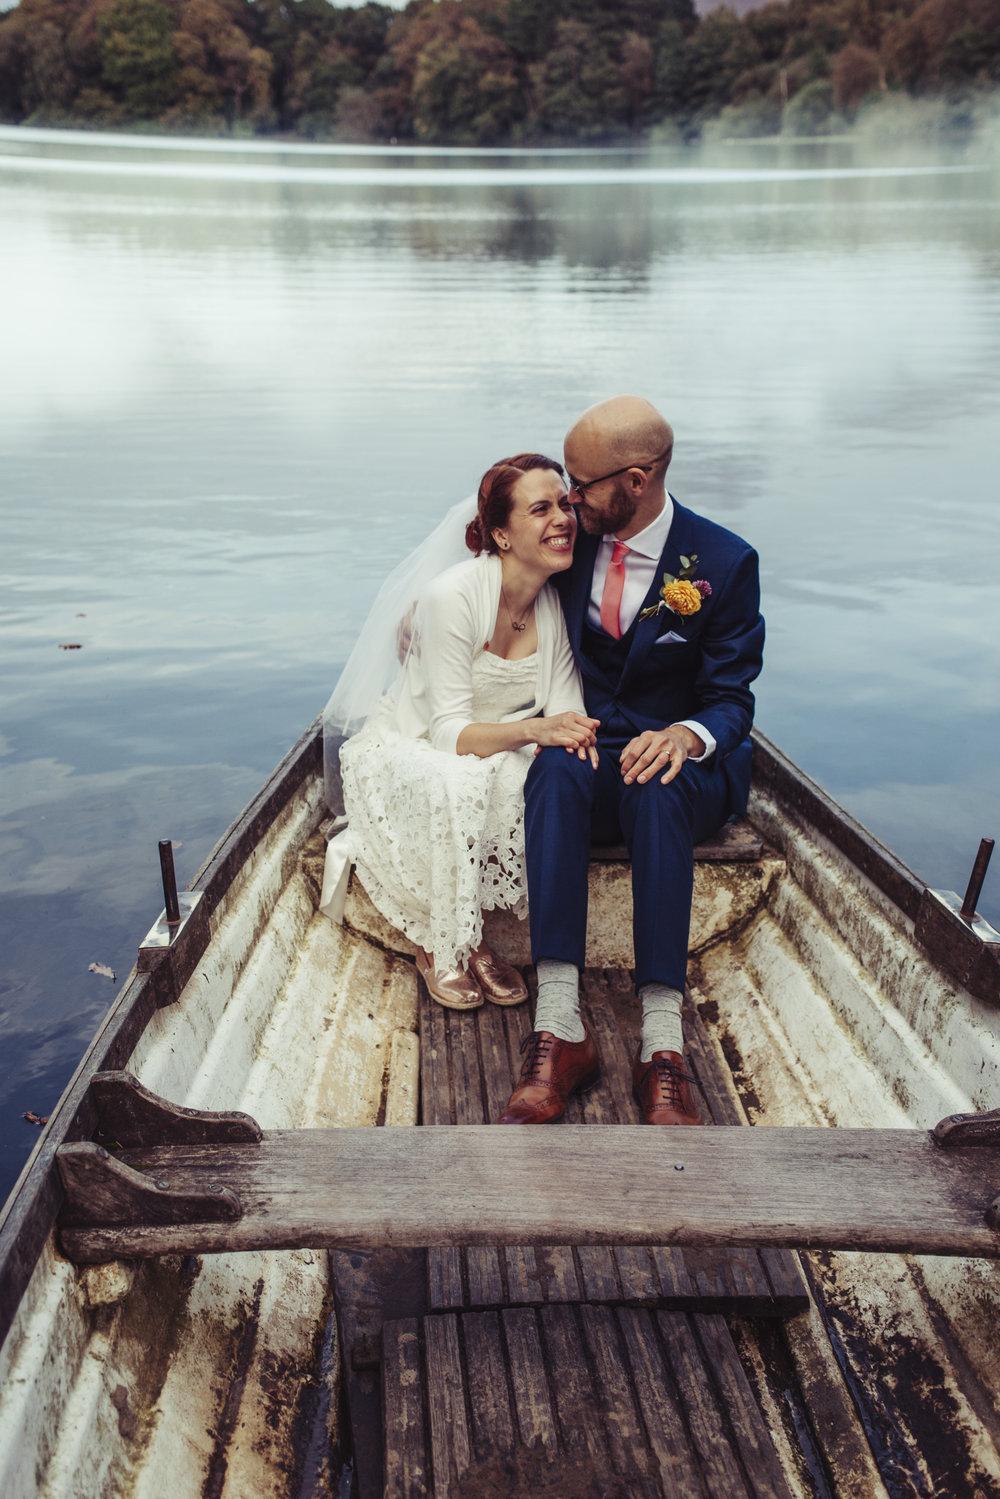 Cheshire Wedding Photography Blog — Claire Basiuk Photography